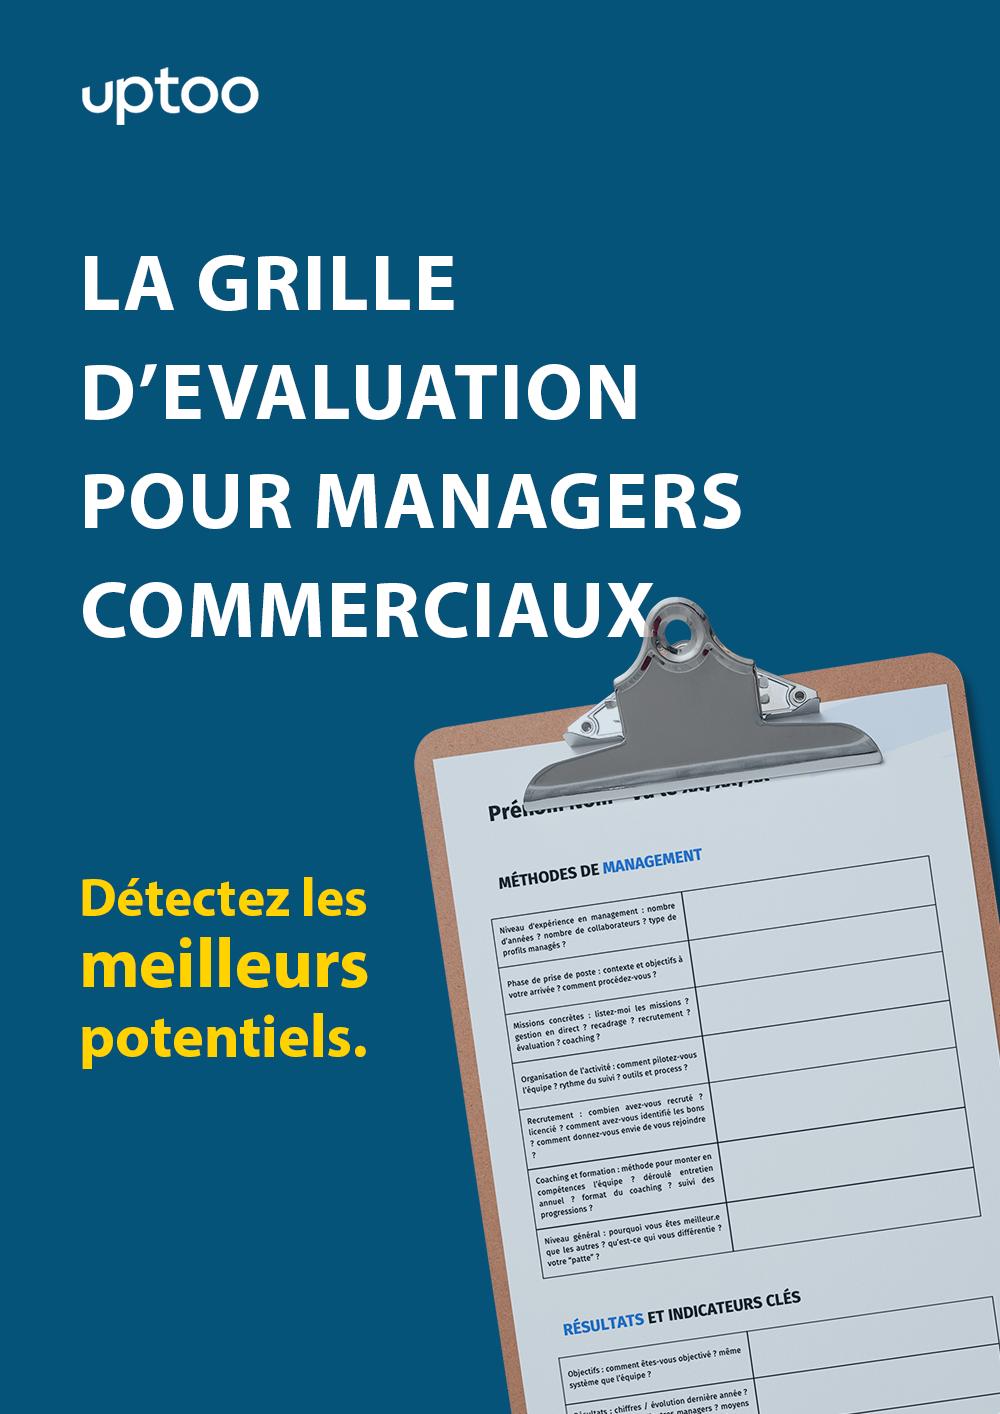 Grille d'évaluation pour managers commerciaux